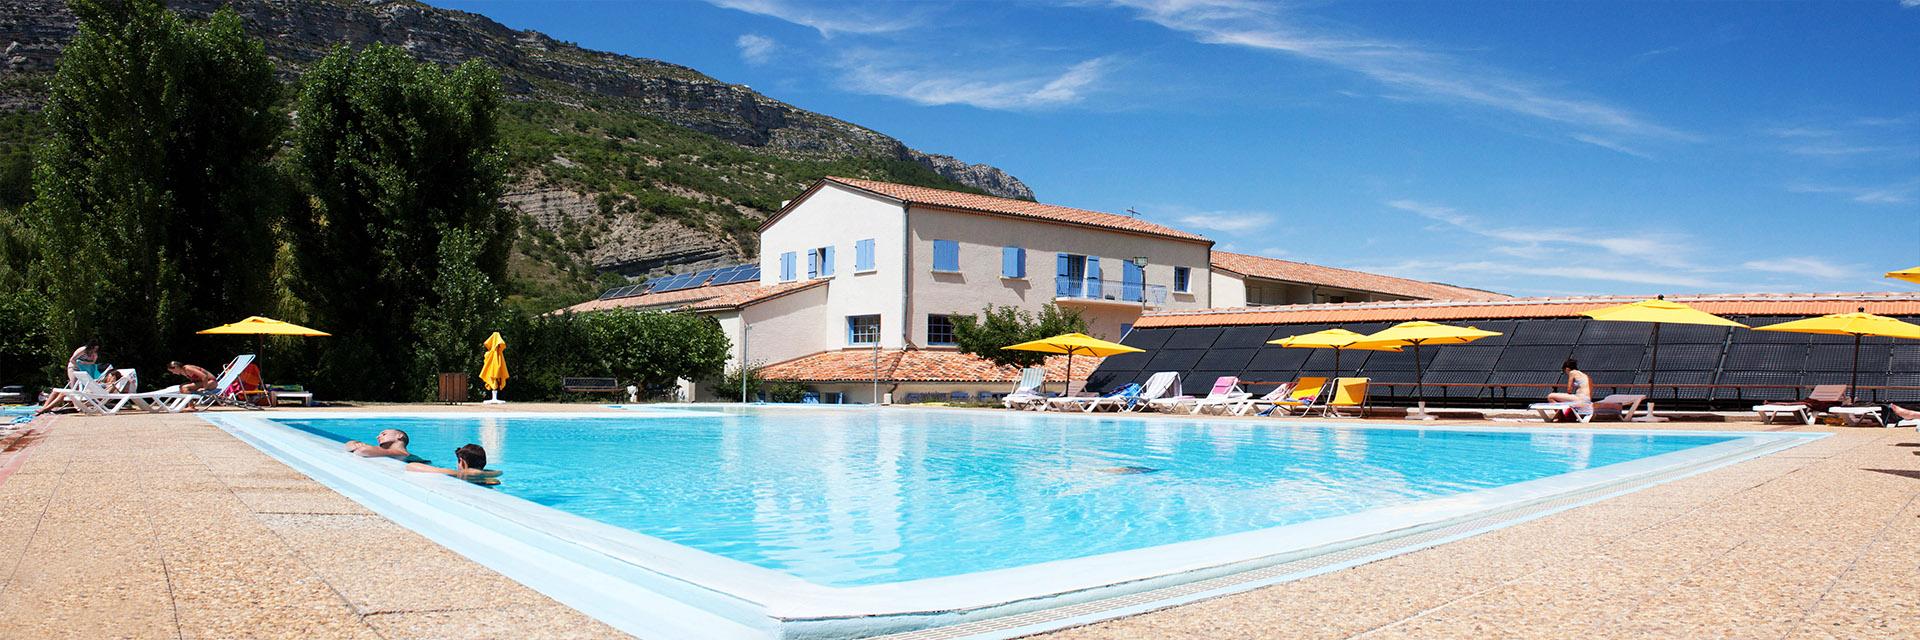 Drôme Provençale, Vaucluse et Ventoux - Les Lavandes Drôme Provencale